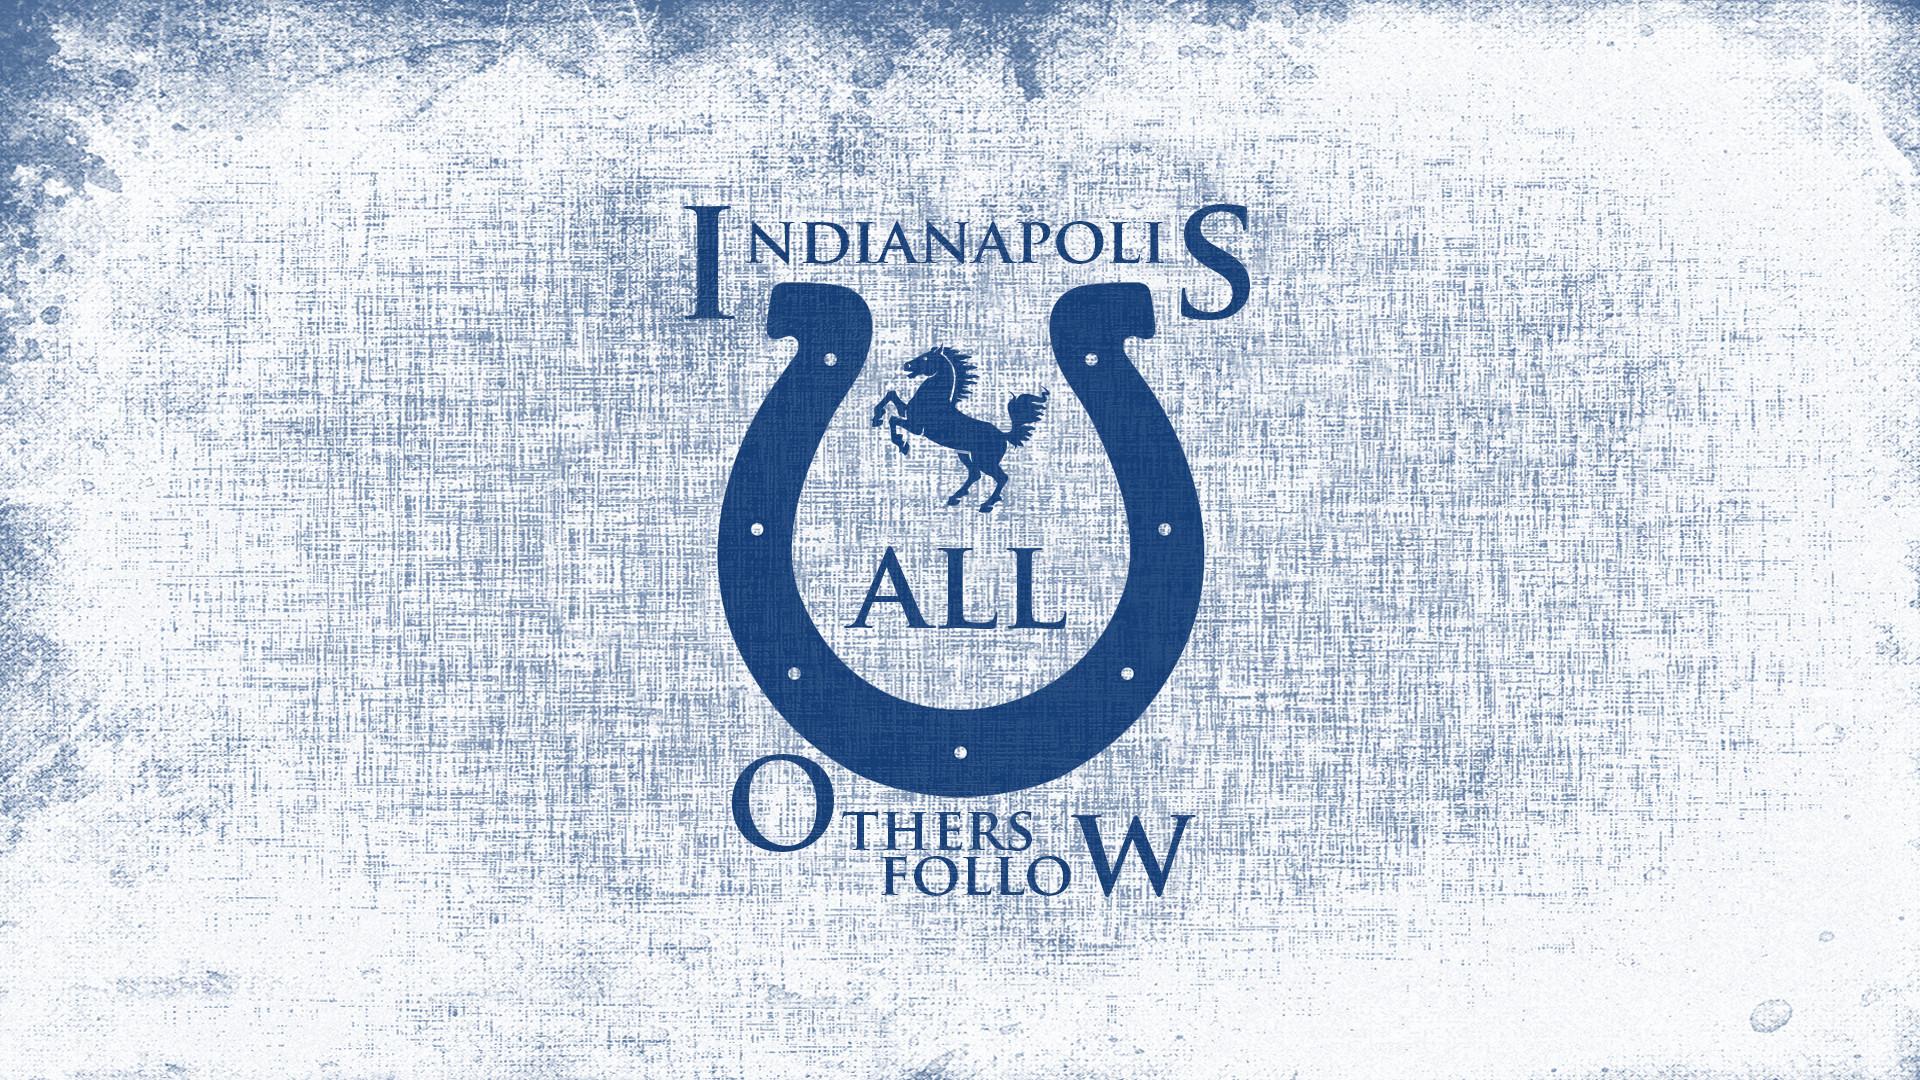 Colts Wallpaper